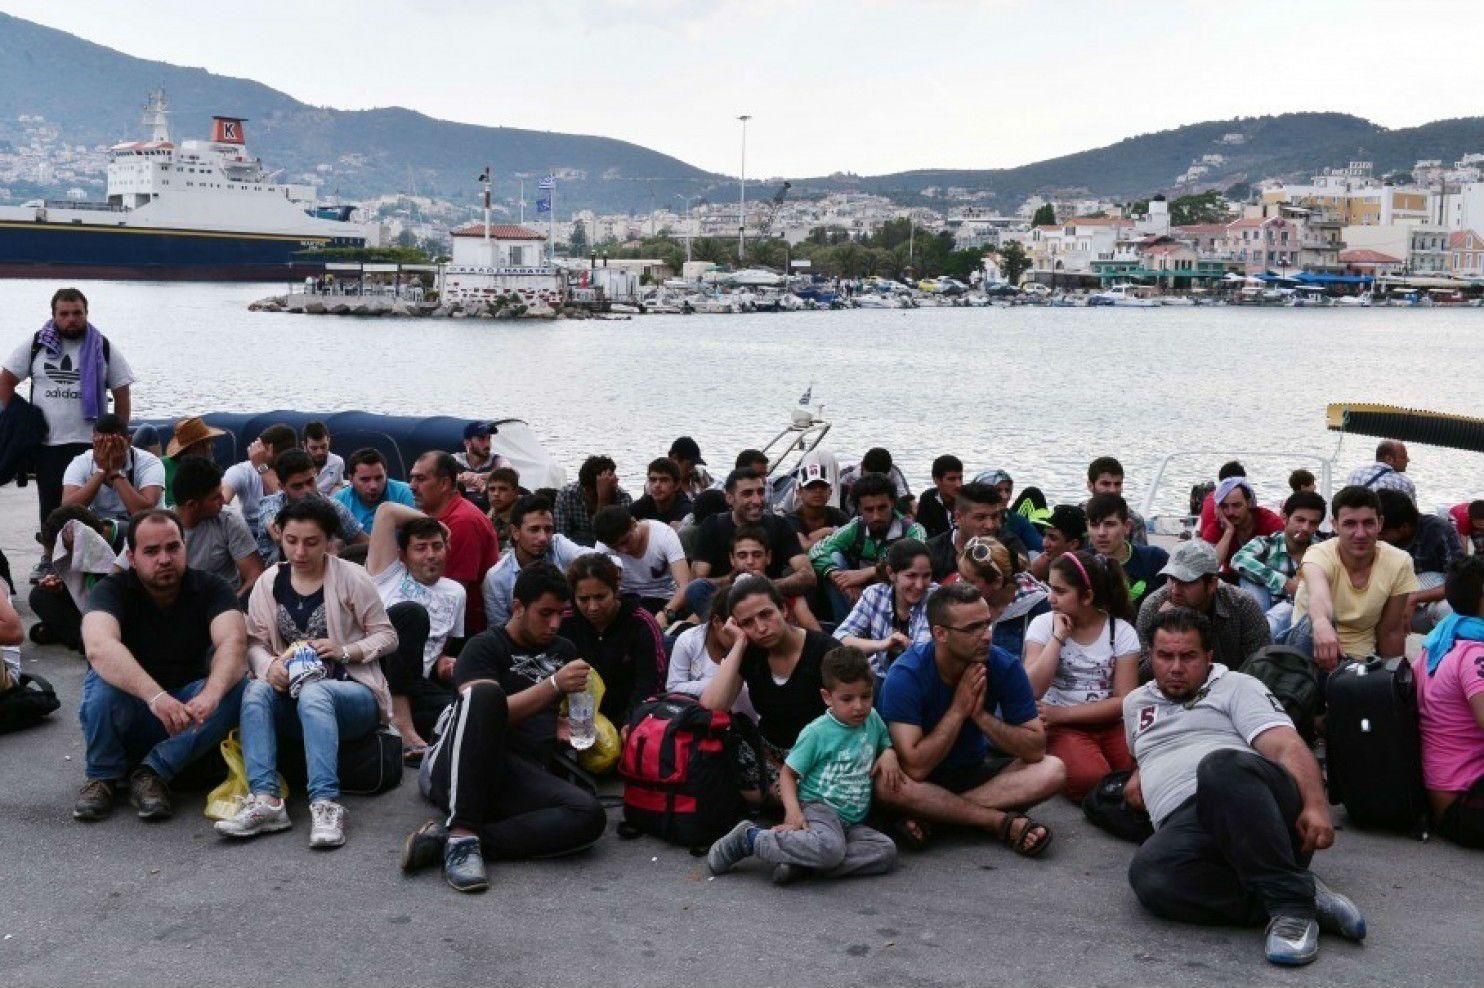 """Η ΜΟΝΑΞΙΑ ΤΗΣ ΑΛΗΘΕΙΑΣ: Ποιο ΝΑΤΟ... : """"Βουλιάζουν"""" τα νησιά από πρόσφυγες..."""